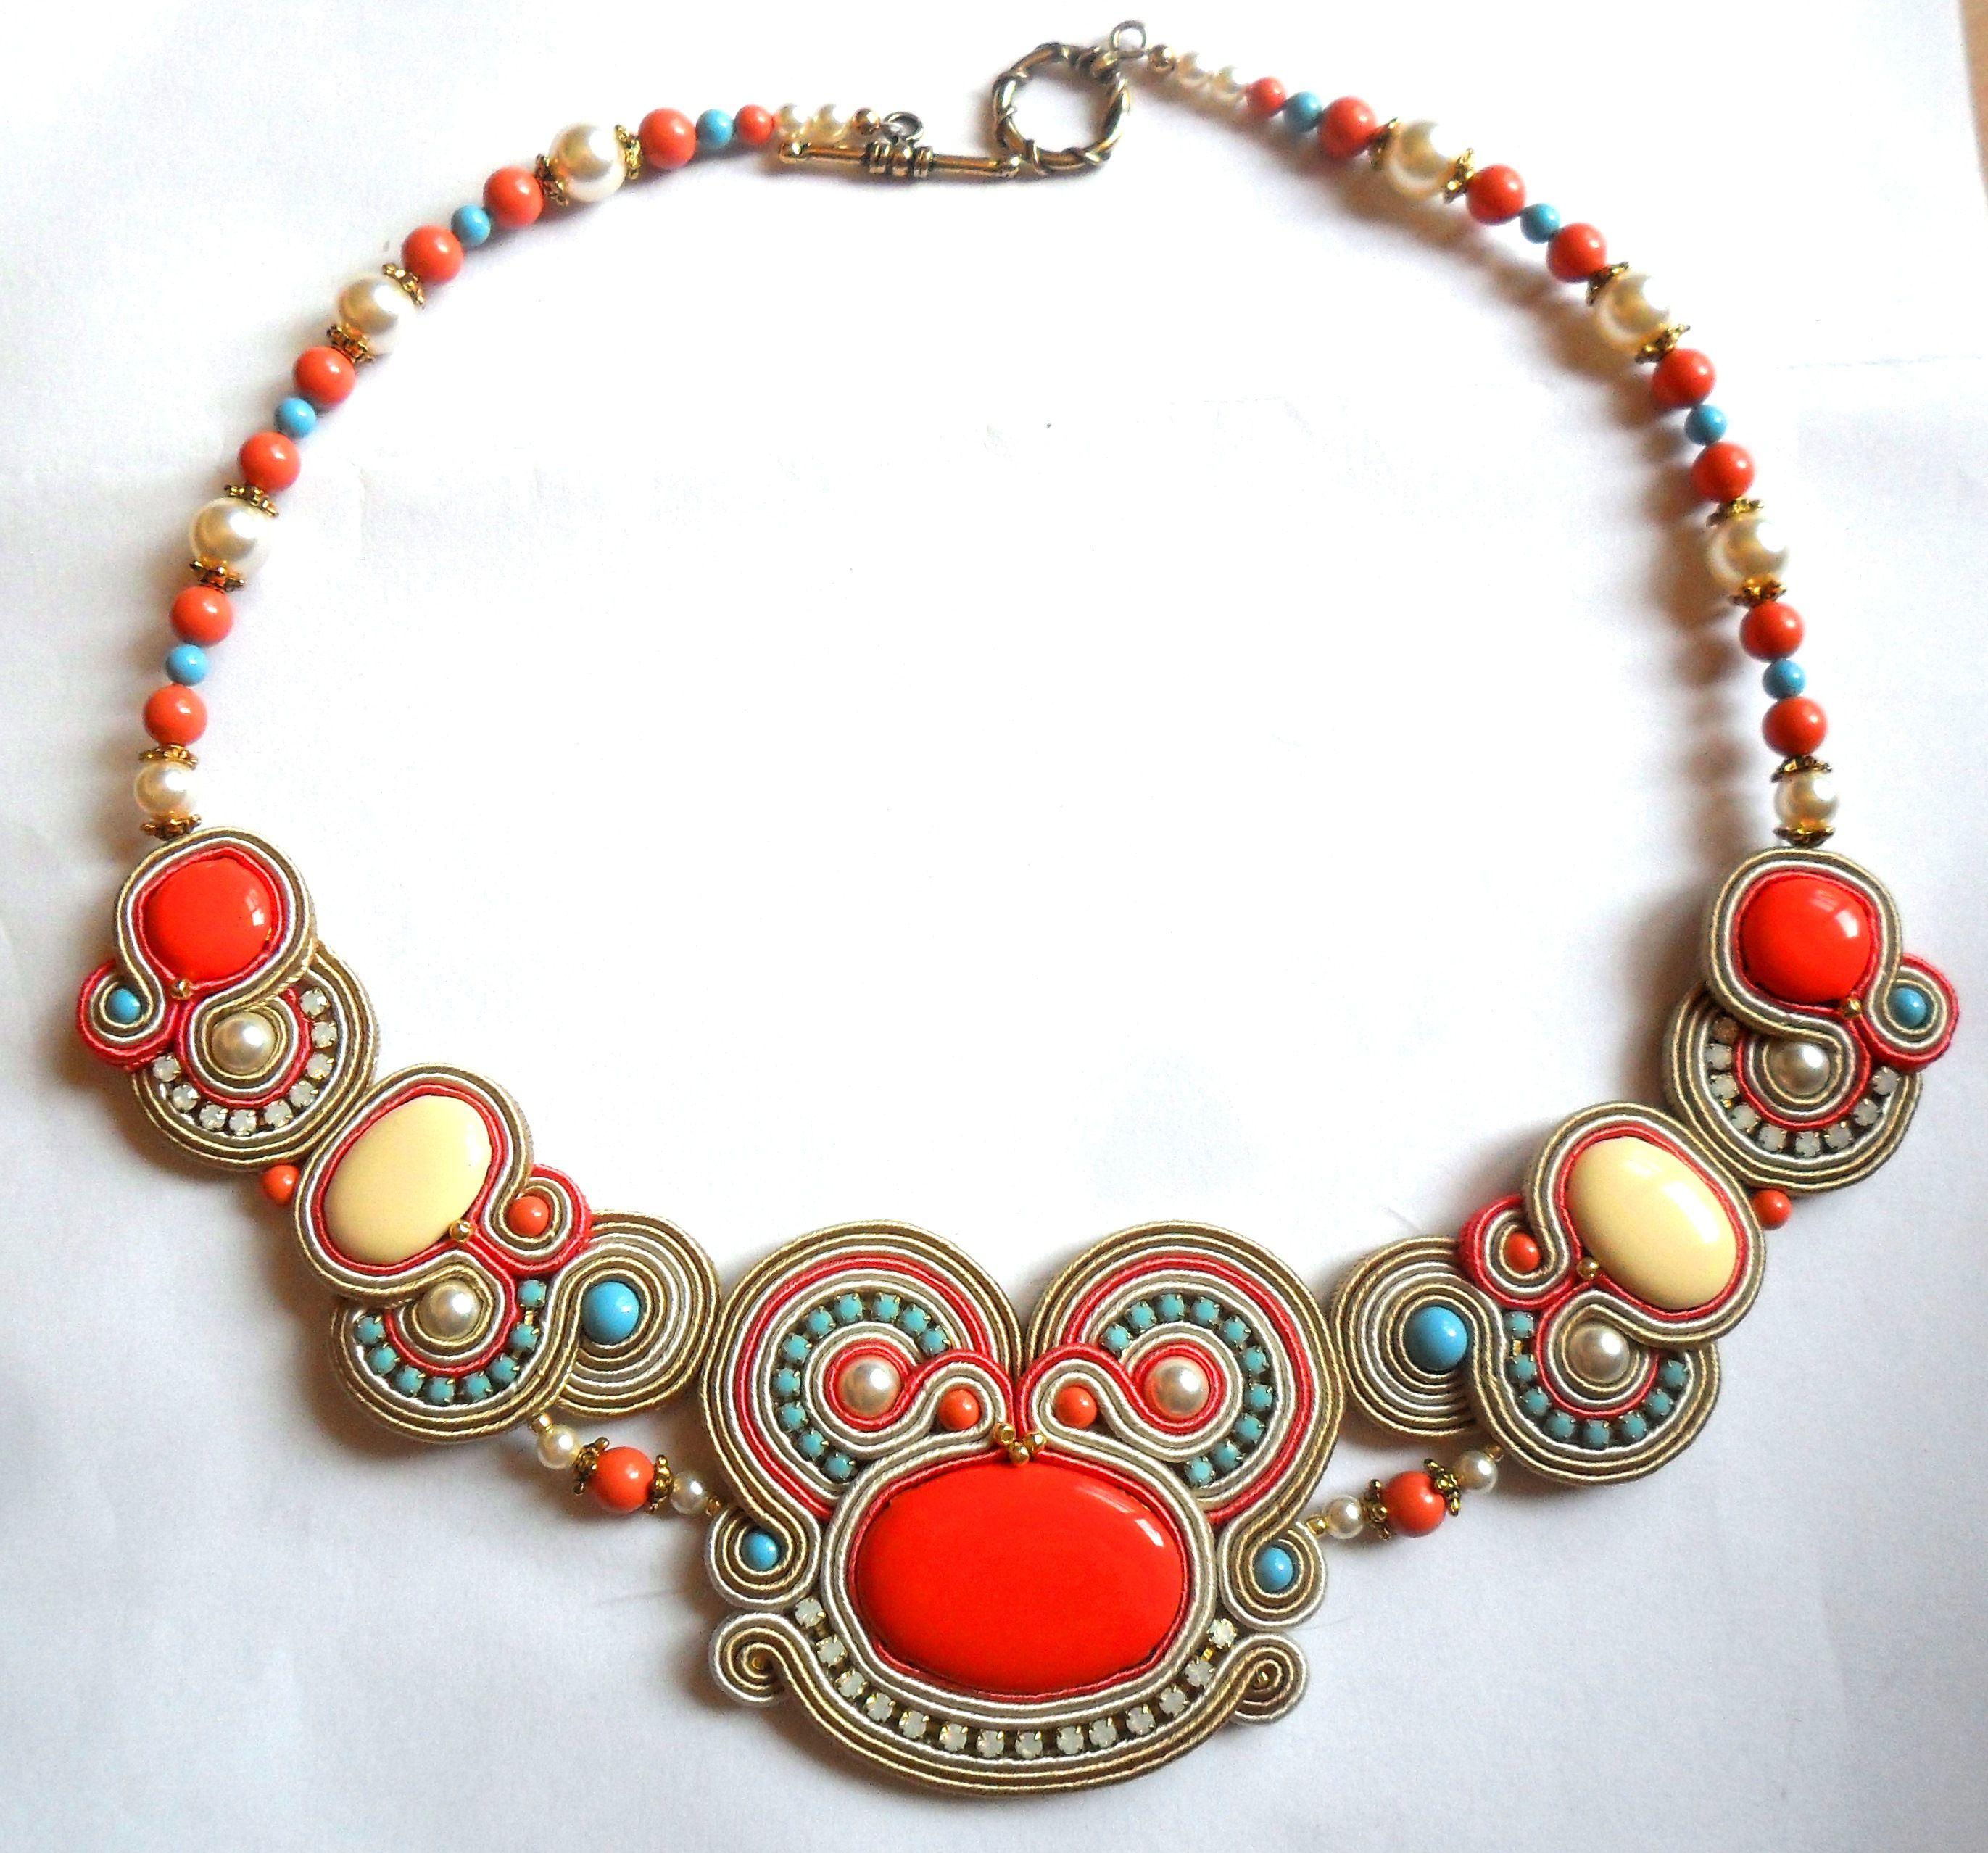 collana con cabochon in ottone smaltato e perle swarovski